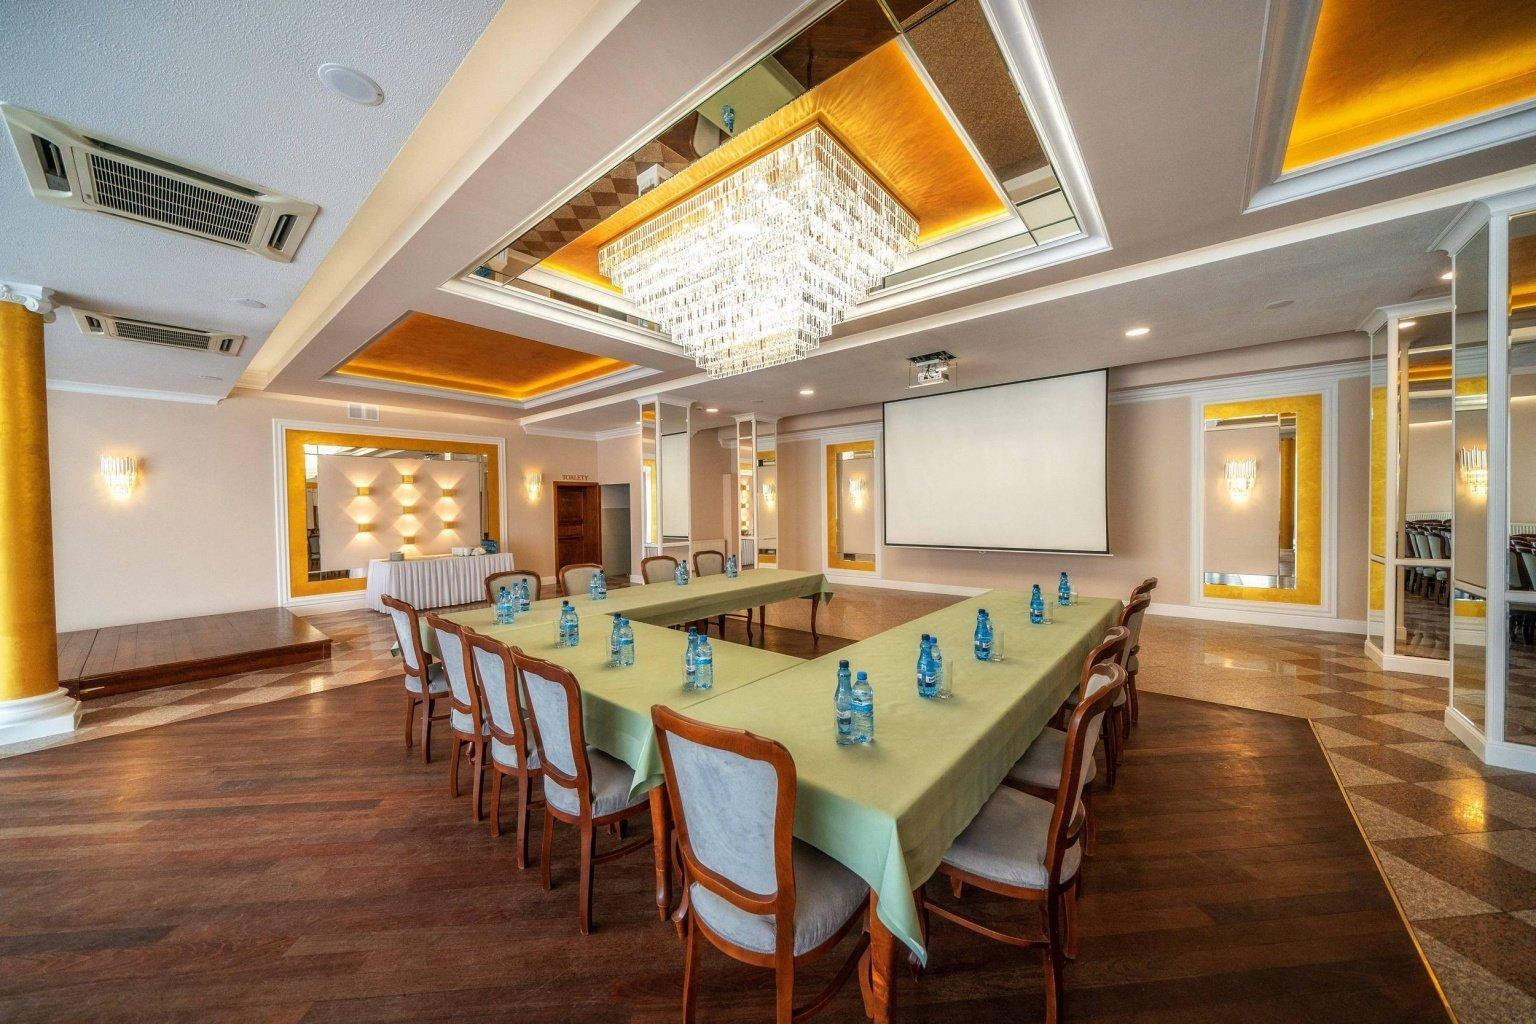 Piękny i efektowny sufit  z lustrami, złotą farbą i wielkim żyrandolem kryształowym to projekt wnętrz eleganckiej sali balowej weselnej w Dworku Skawińskim